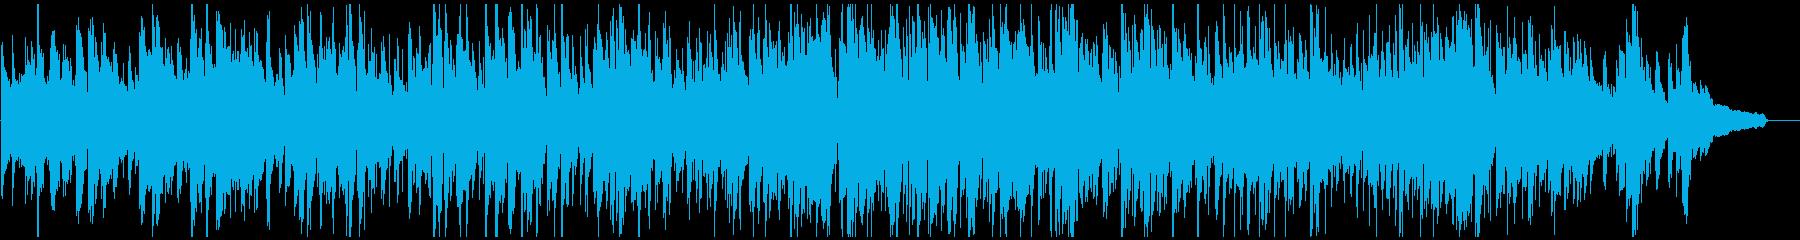 クールで切ないアコースティックジャズの再生済みの波形